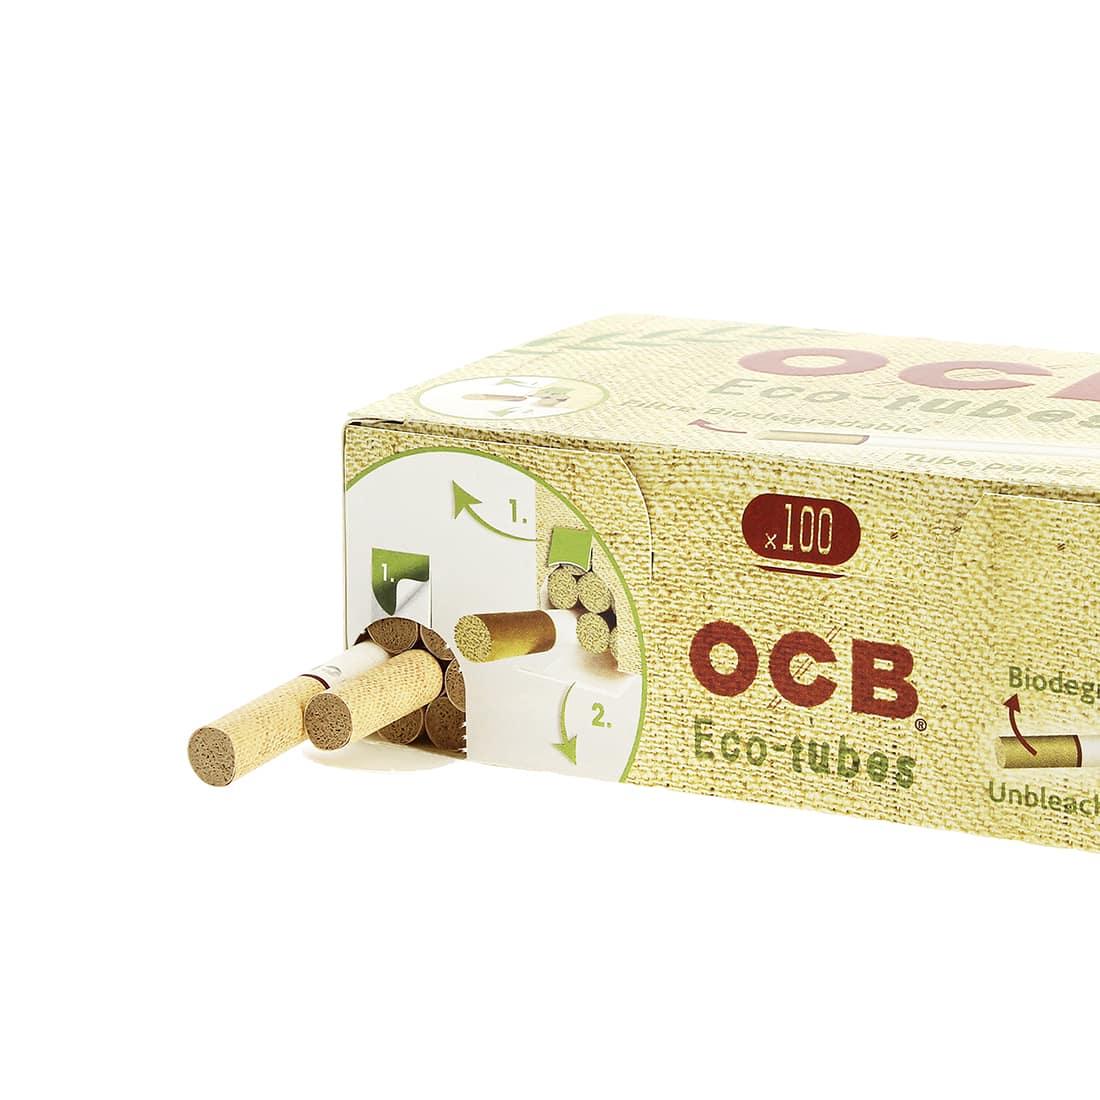 Photo #2 de Boite de 100 tubes OCB Chanvre Bio avec filtre x5